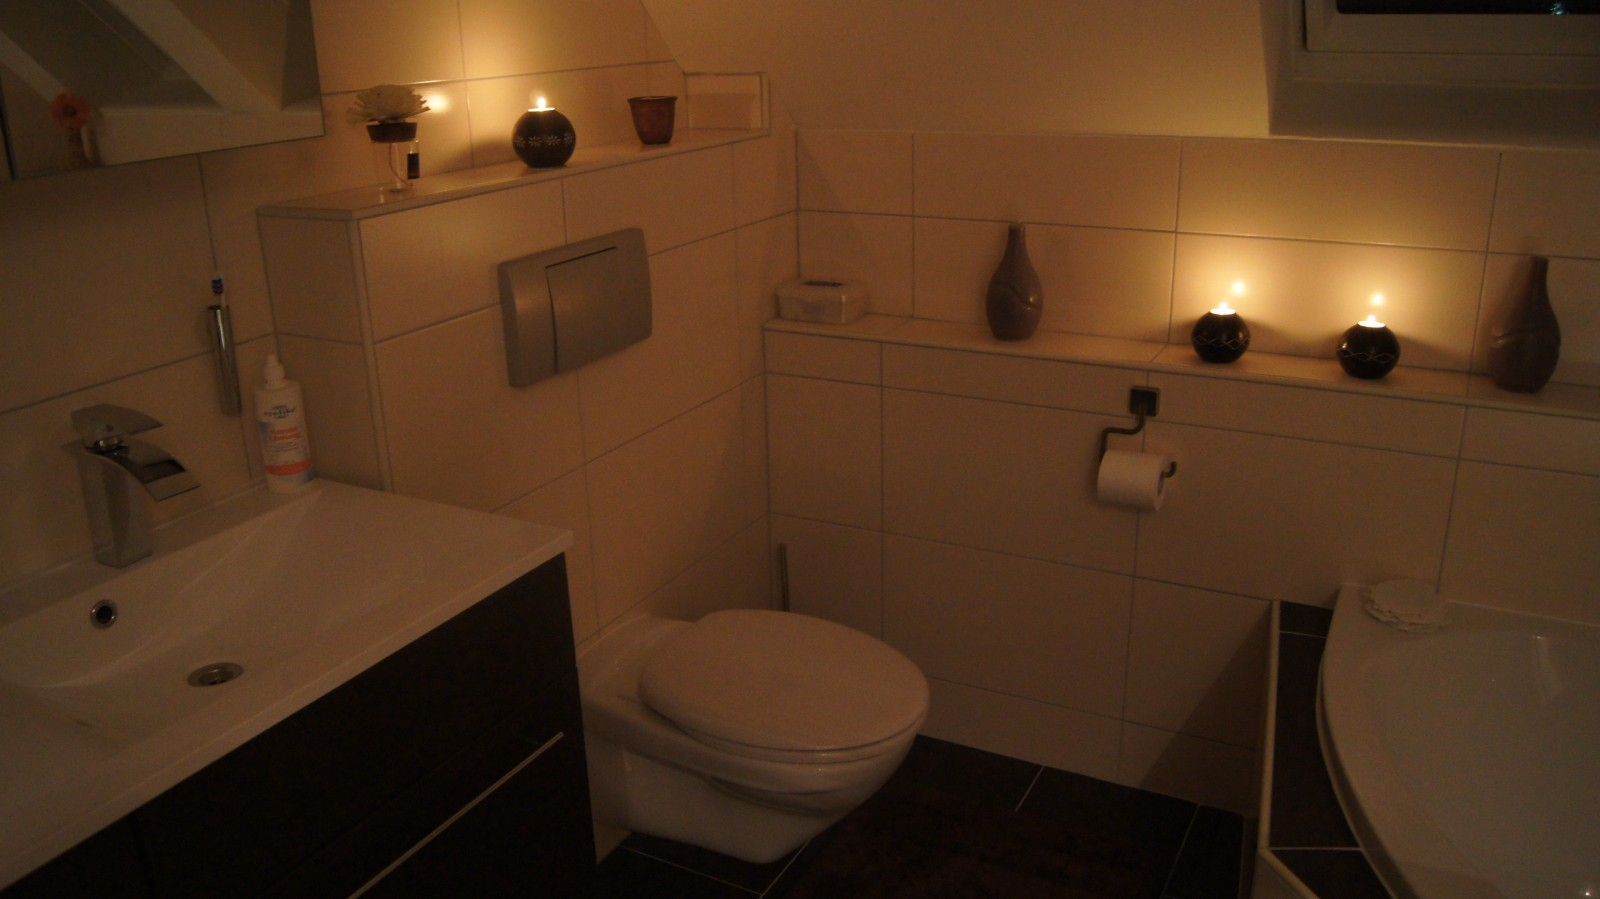 Bad 39 badezimmer 39 muckelh uschen zimmerschau for Badezimmer beige braun